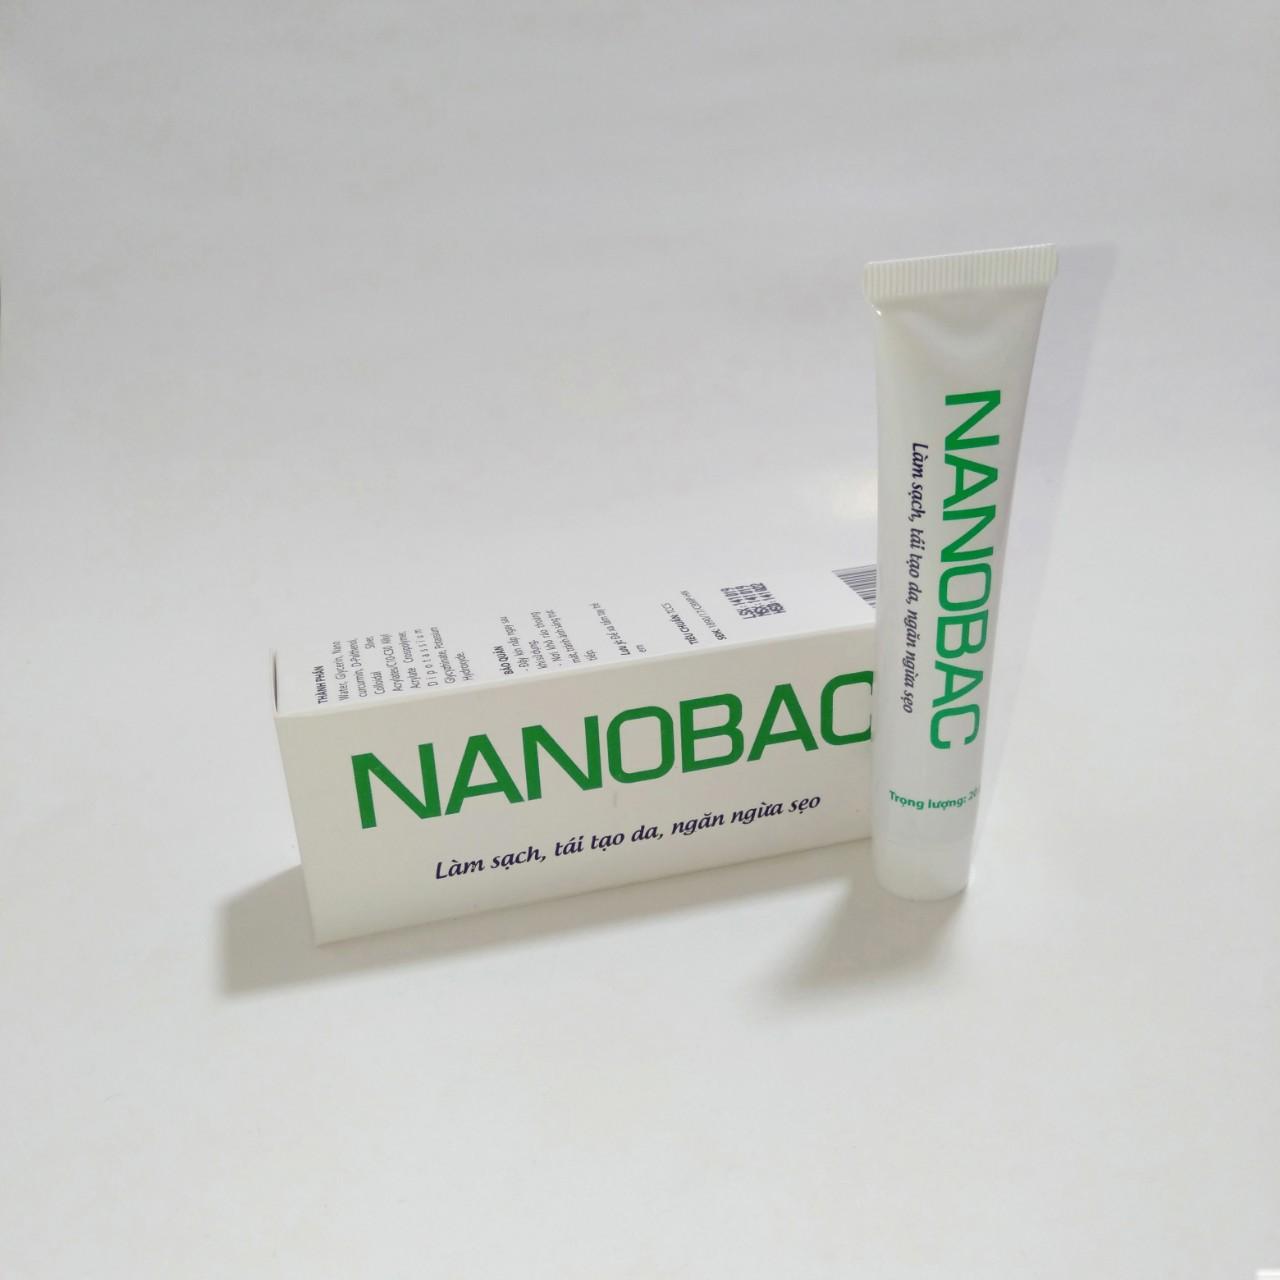 [BỘ SẢN PHẨM] Gel bôi NANOBAC tuýp 20g làm sạch, tái tạo da, ngăn ngừa sẹo  & Kem BOIHAM tuýp 10g giúp giảm hăm, bảo vệ làn da bé yêu của bạn ( hàng chính hãng)